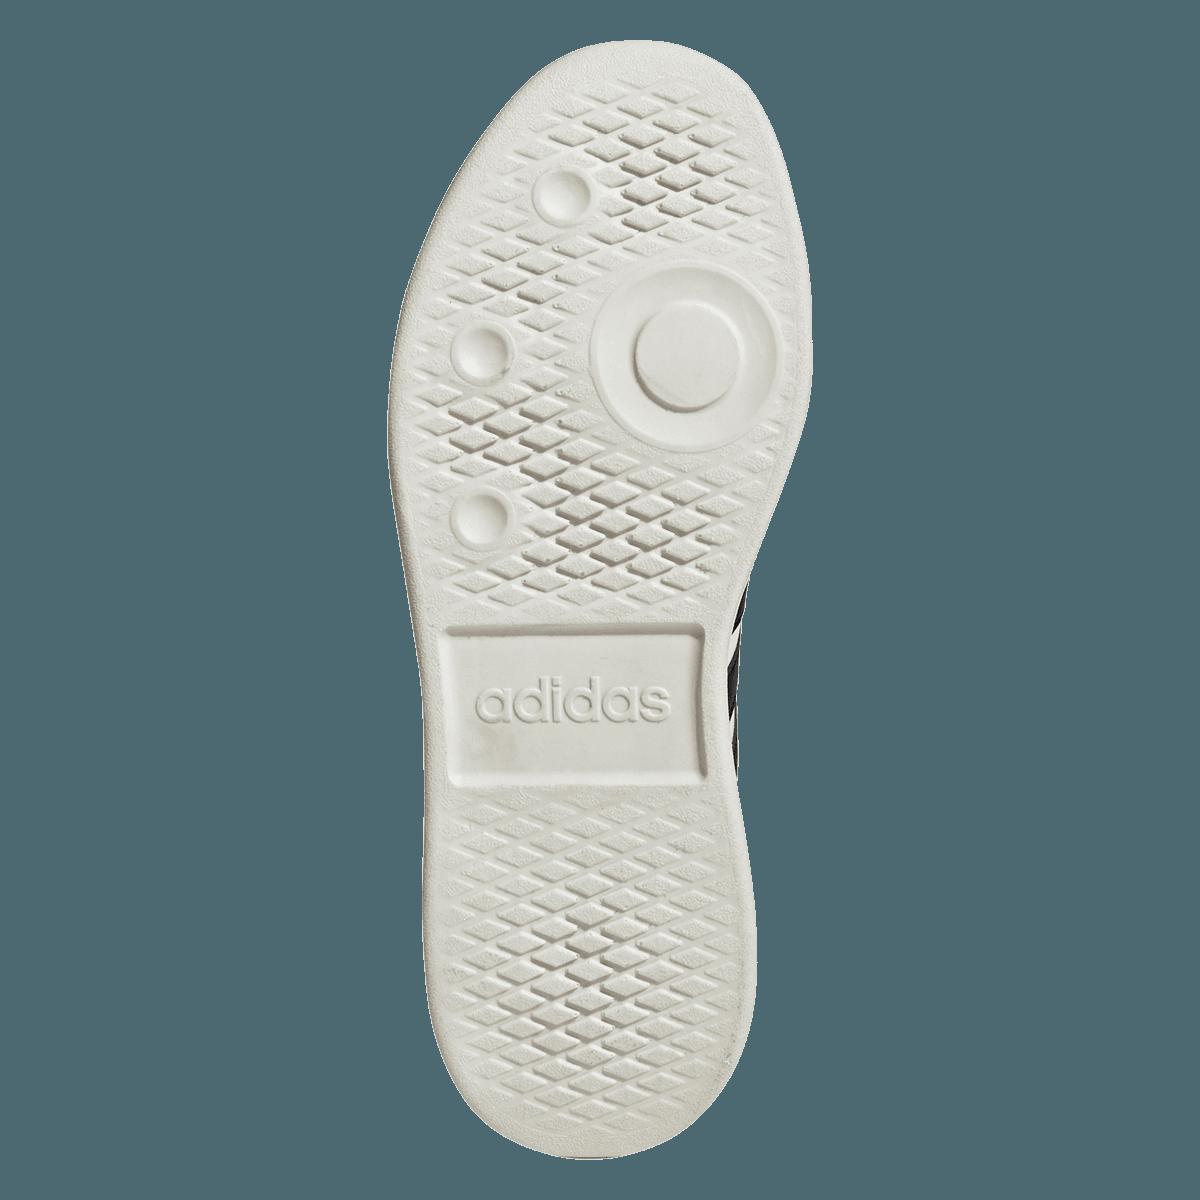 adidas Freizeitschuh Court 80s weißschwarz Fussball Shop